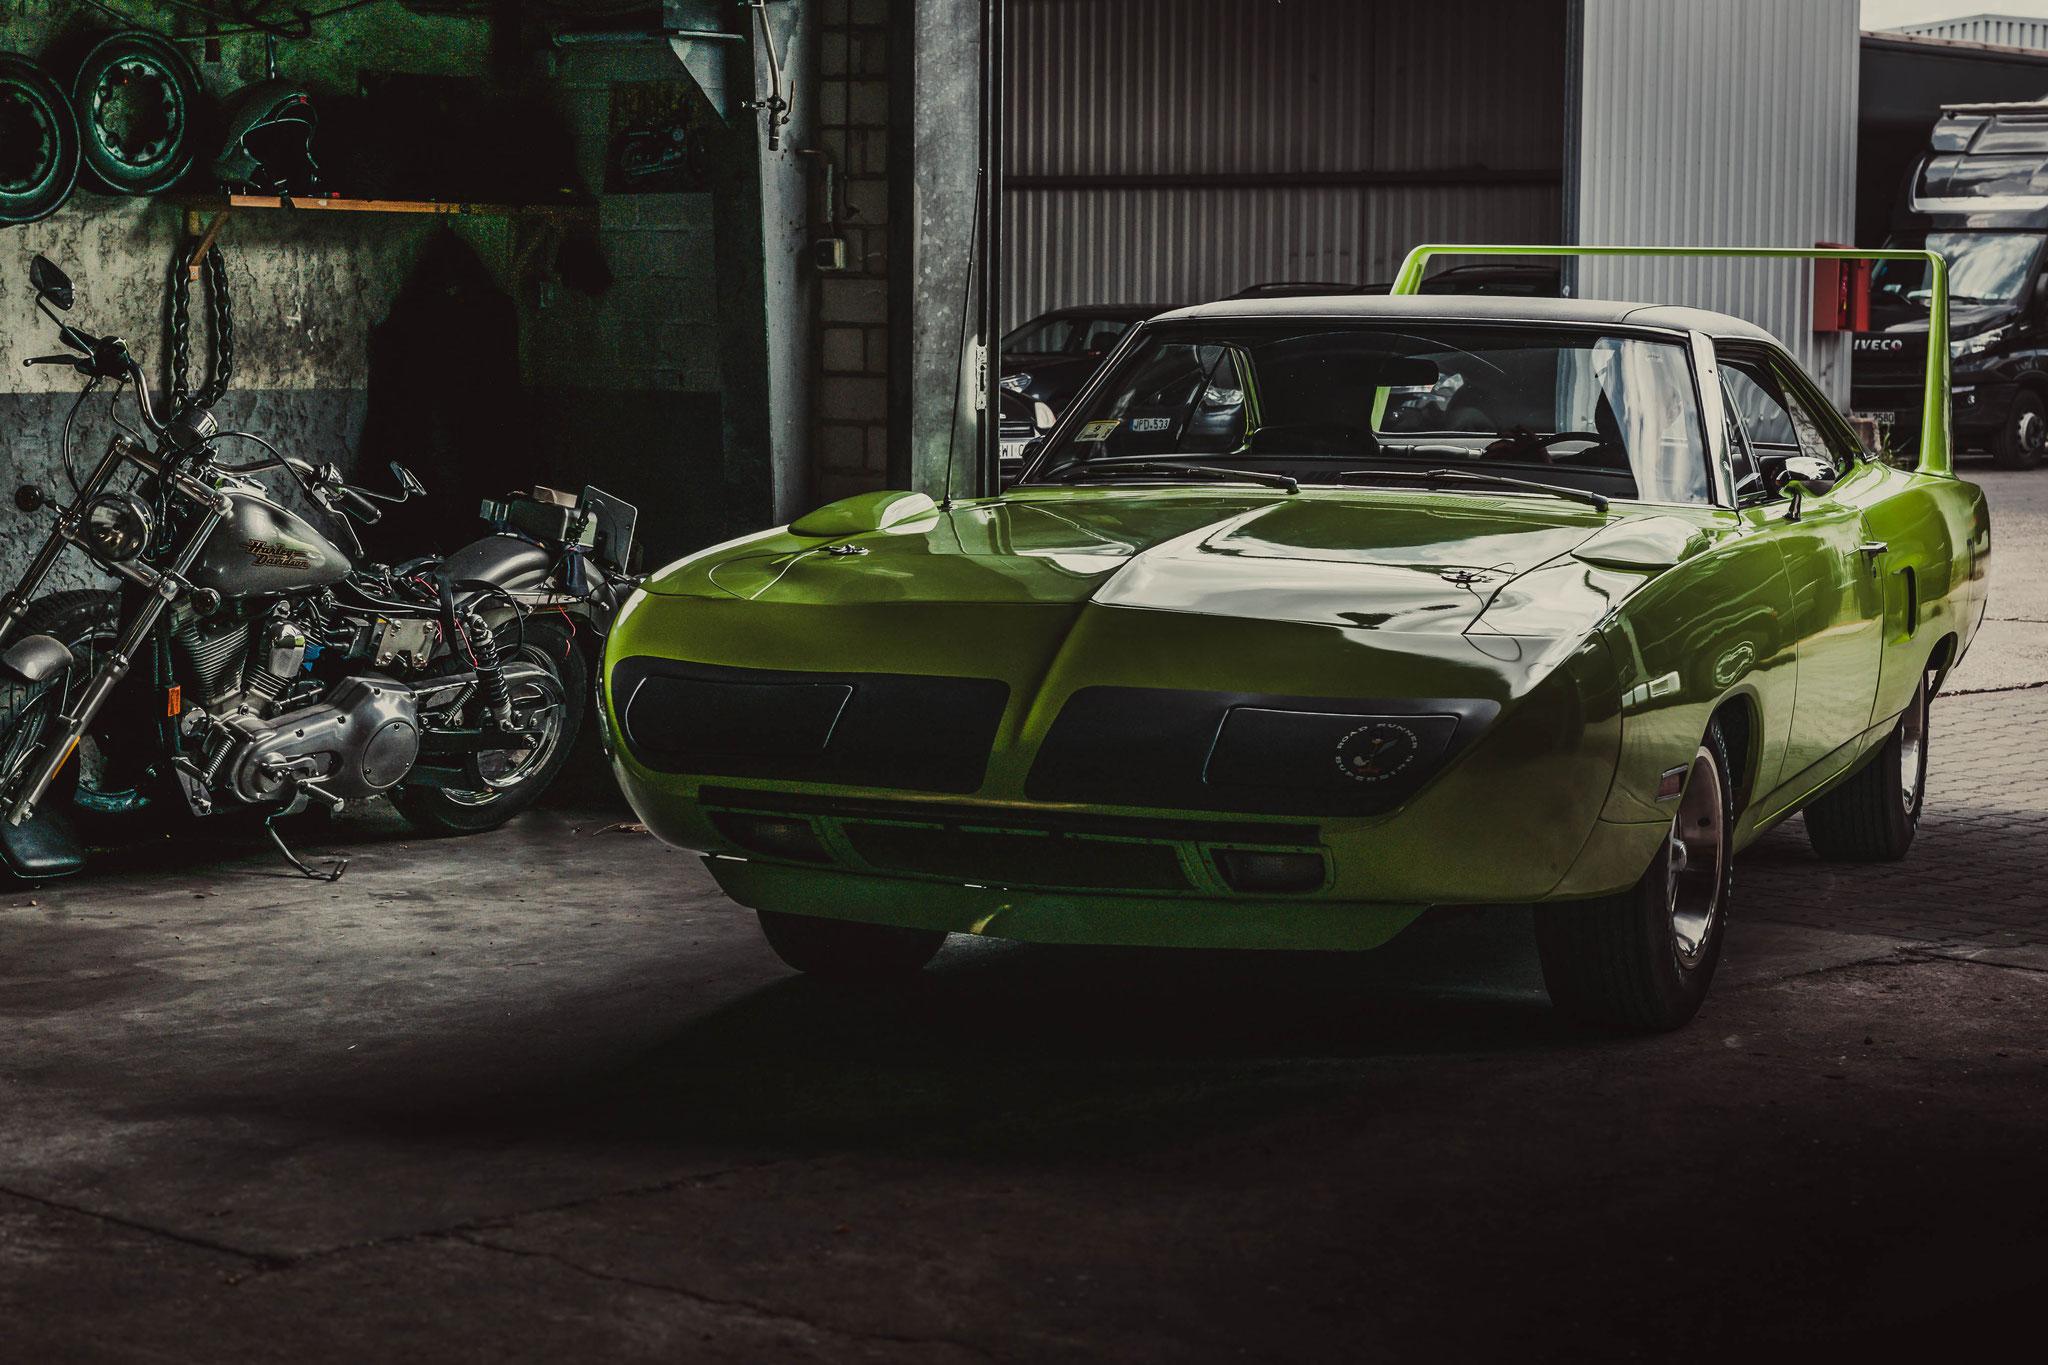 Plymouth Superbird während der Aufnahmen in der Werkstatt